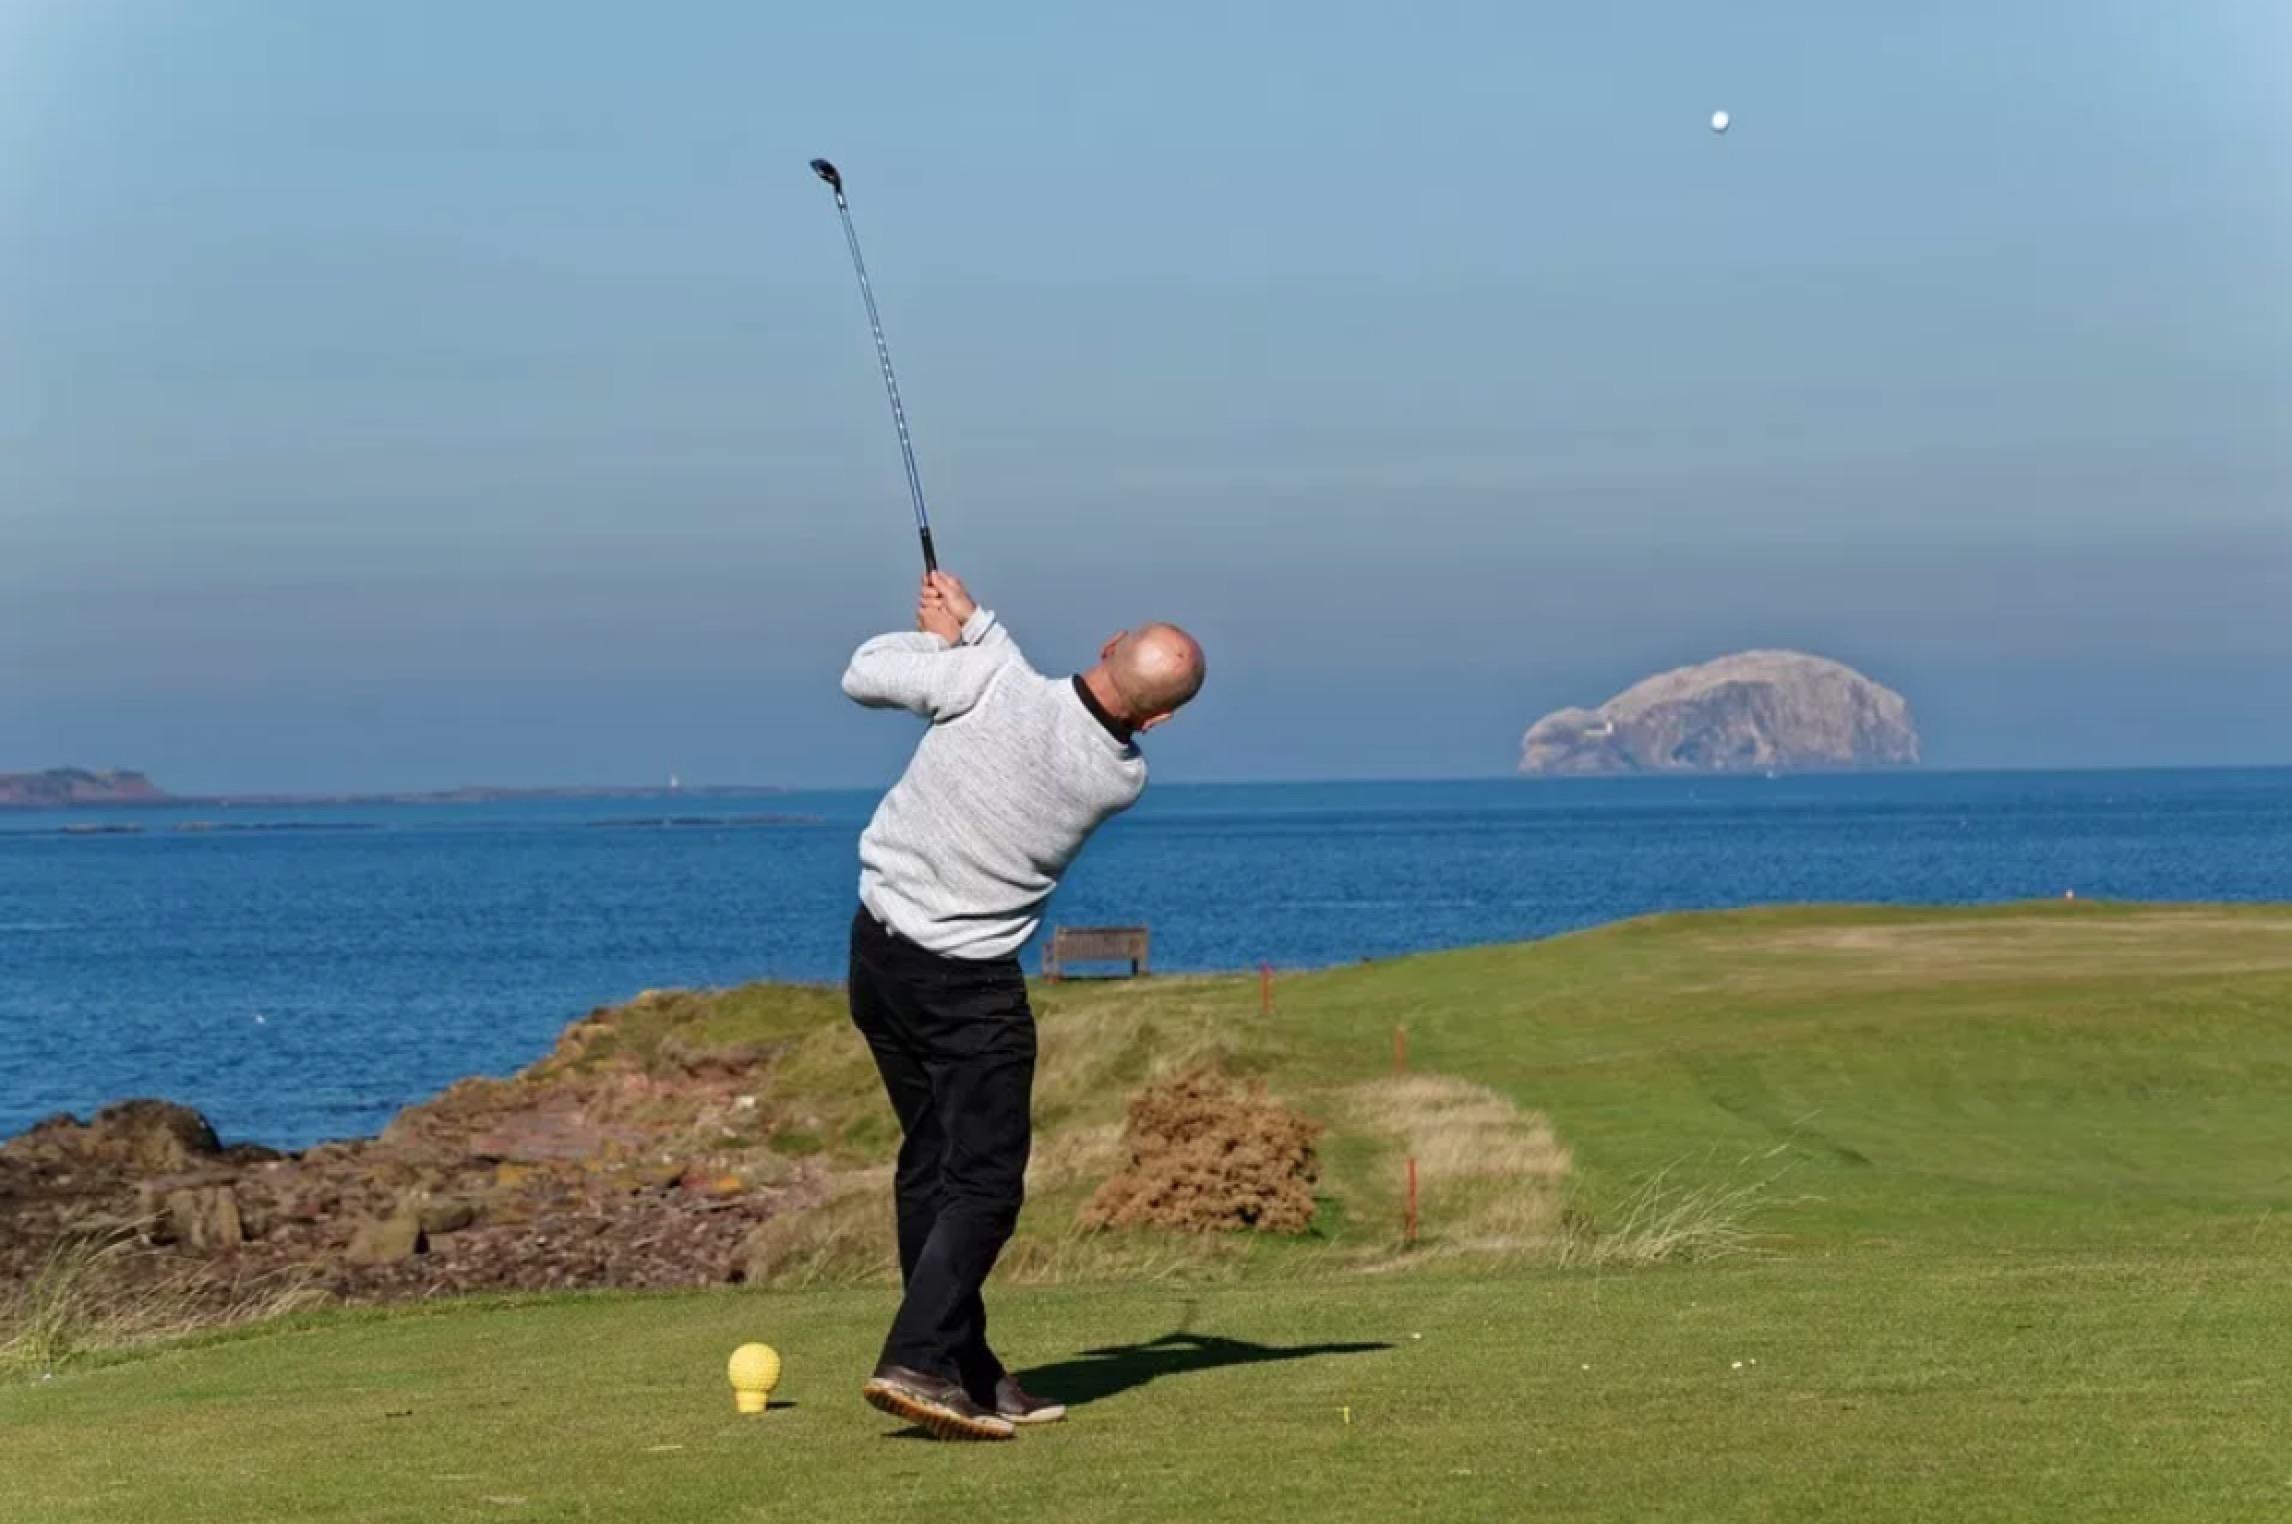 高尔夫,其实是一项很好玩的运动,懂它的人都知道!